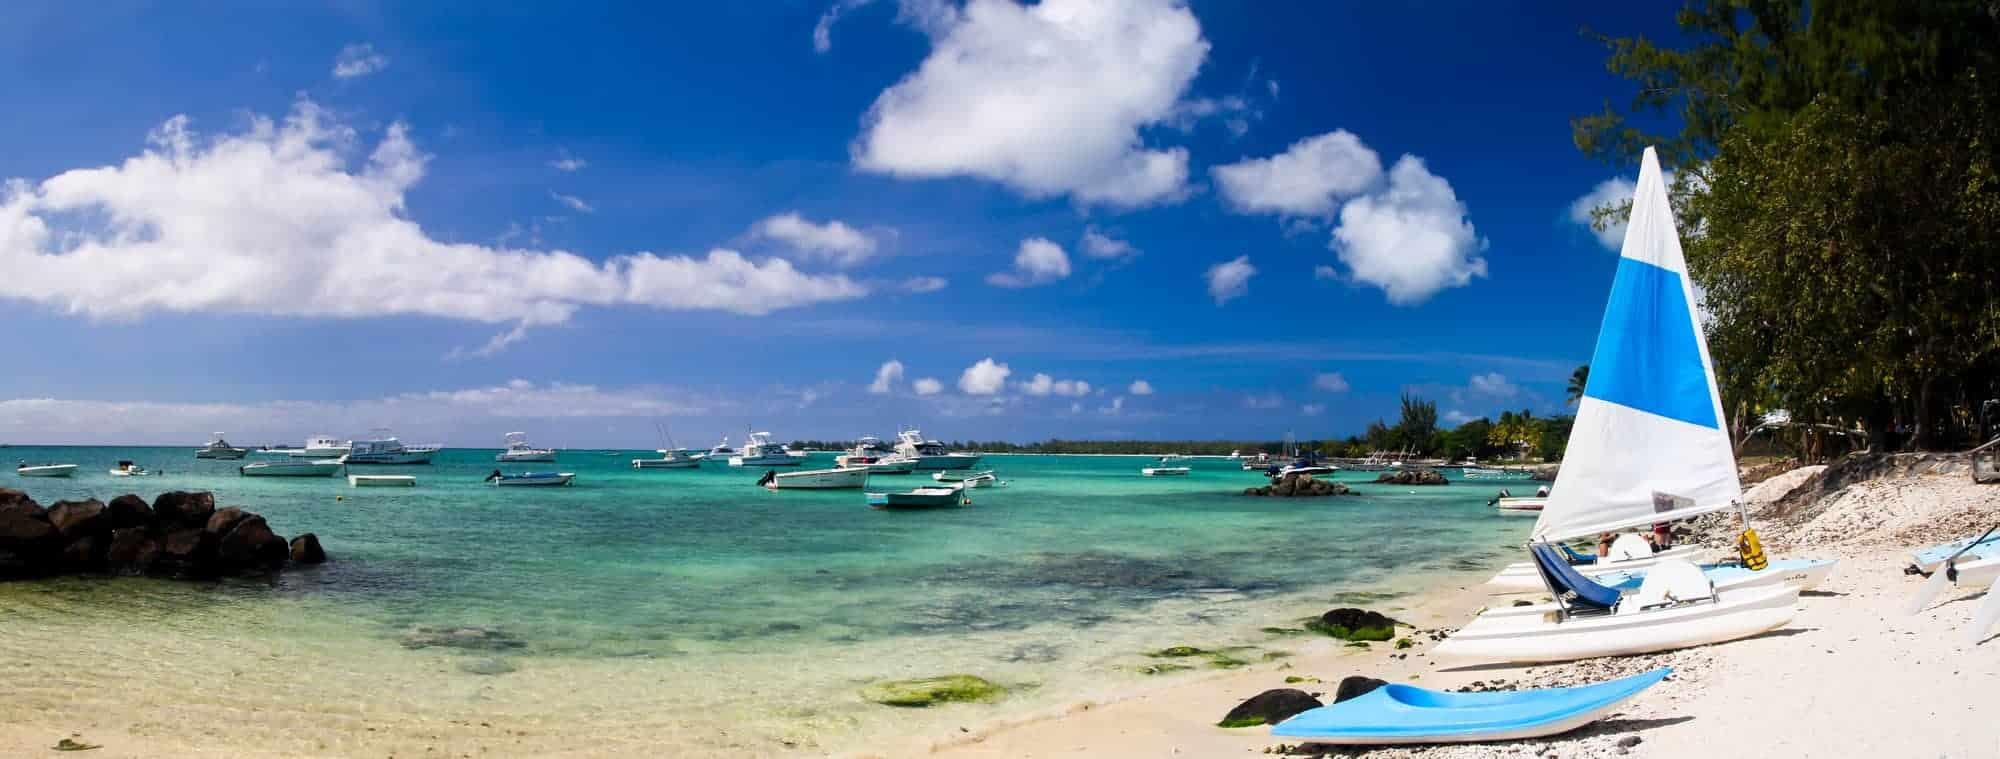 Hvad koster en rejse til Mauritius